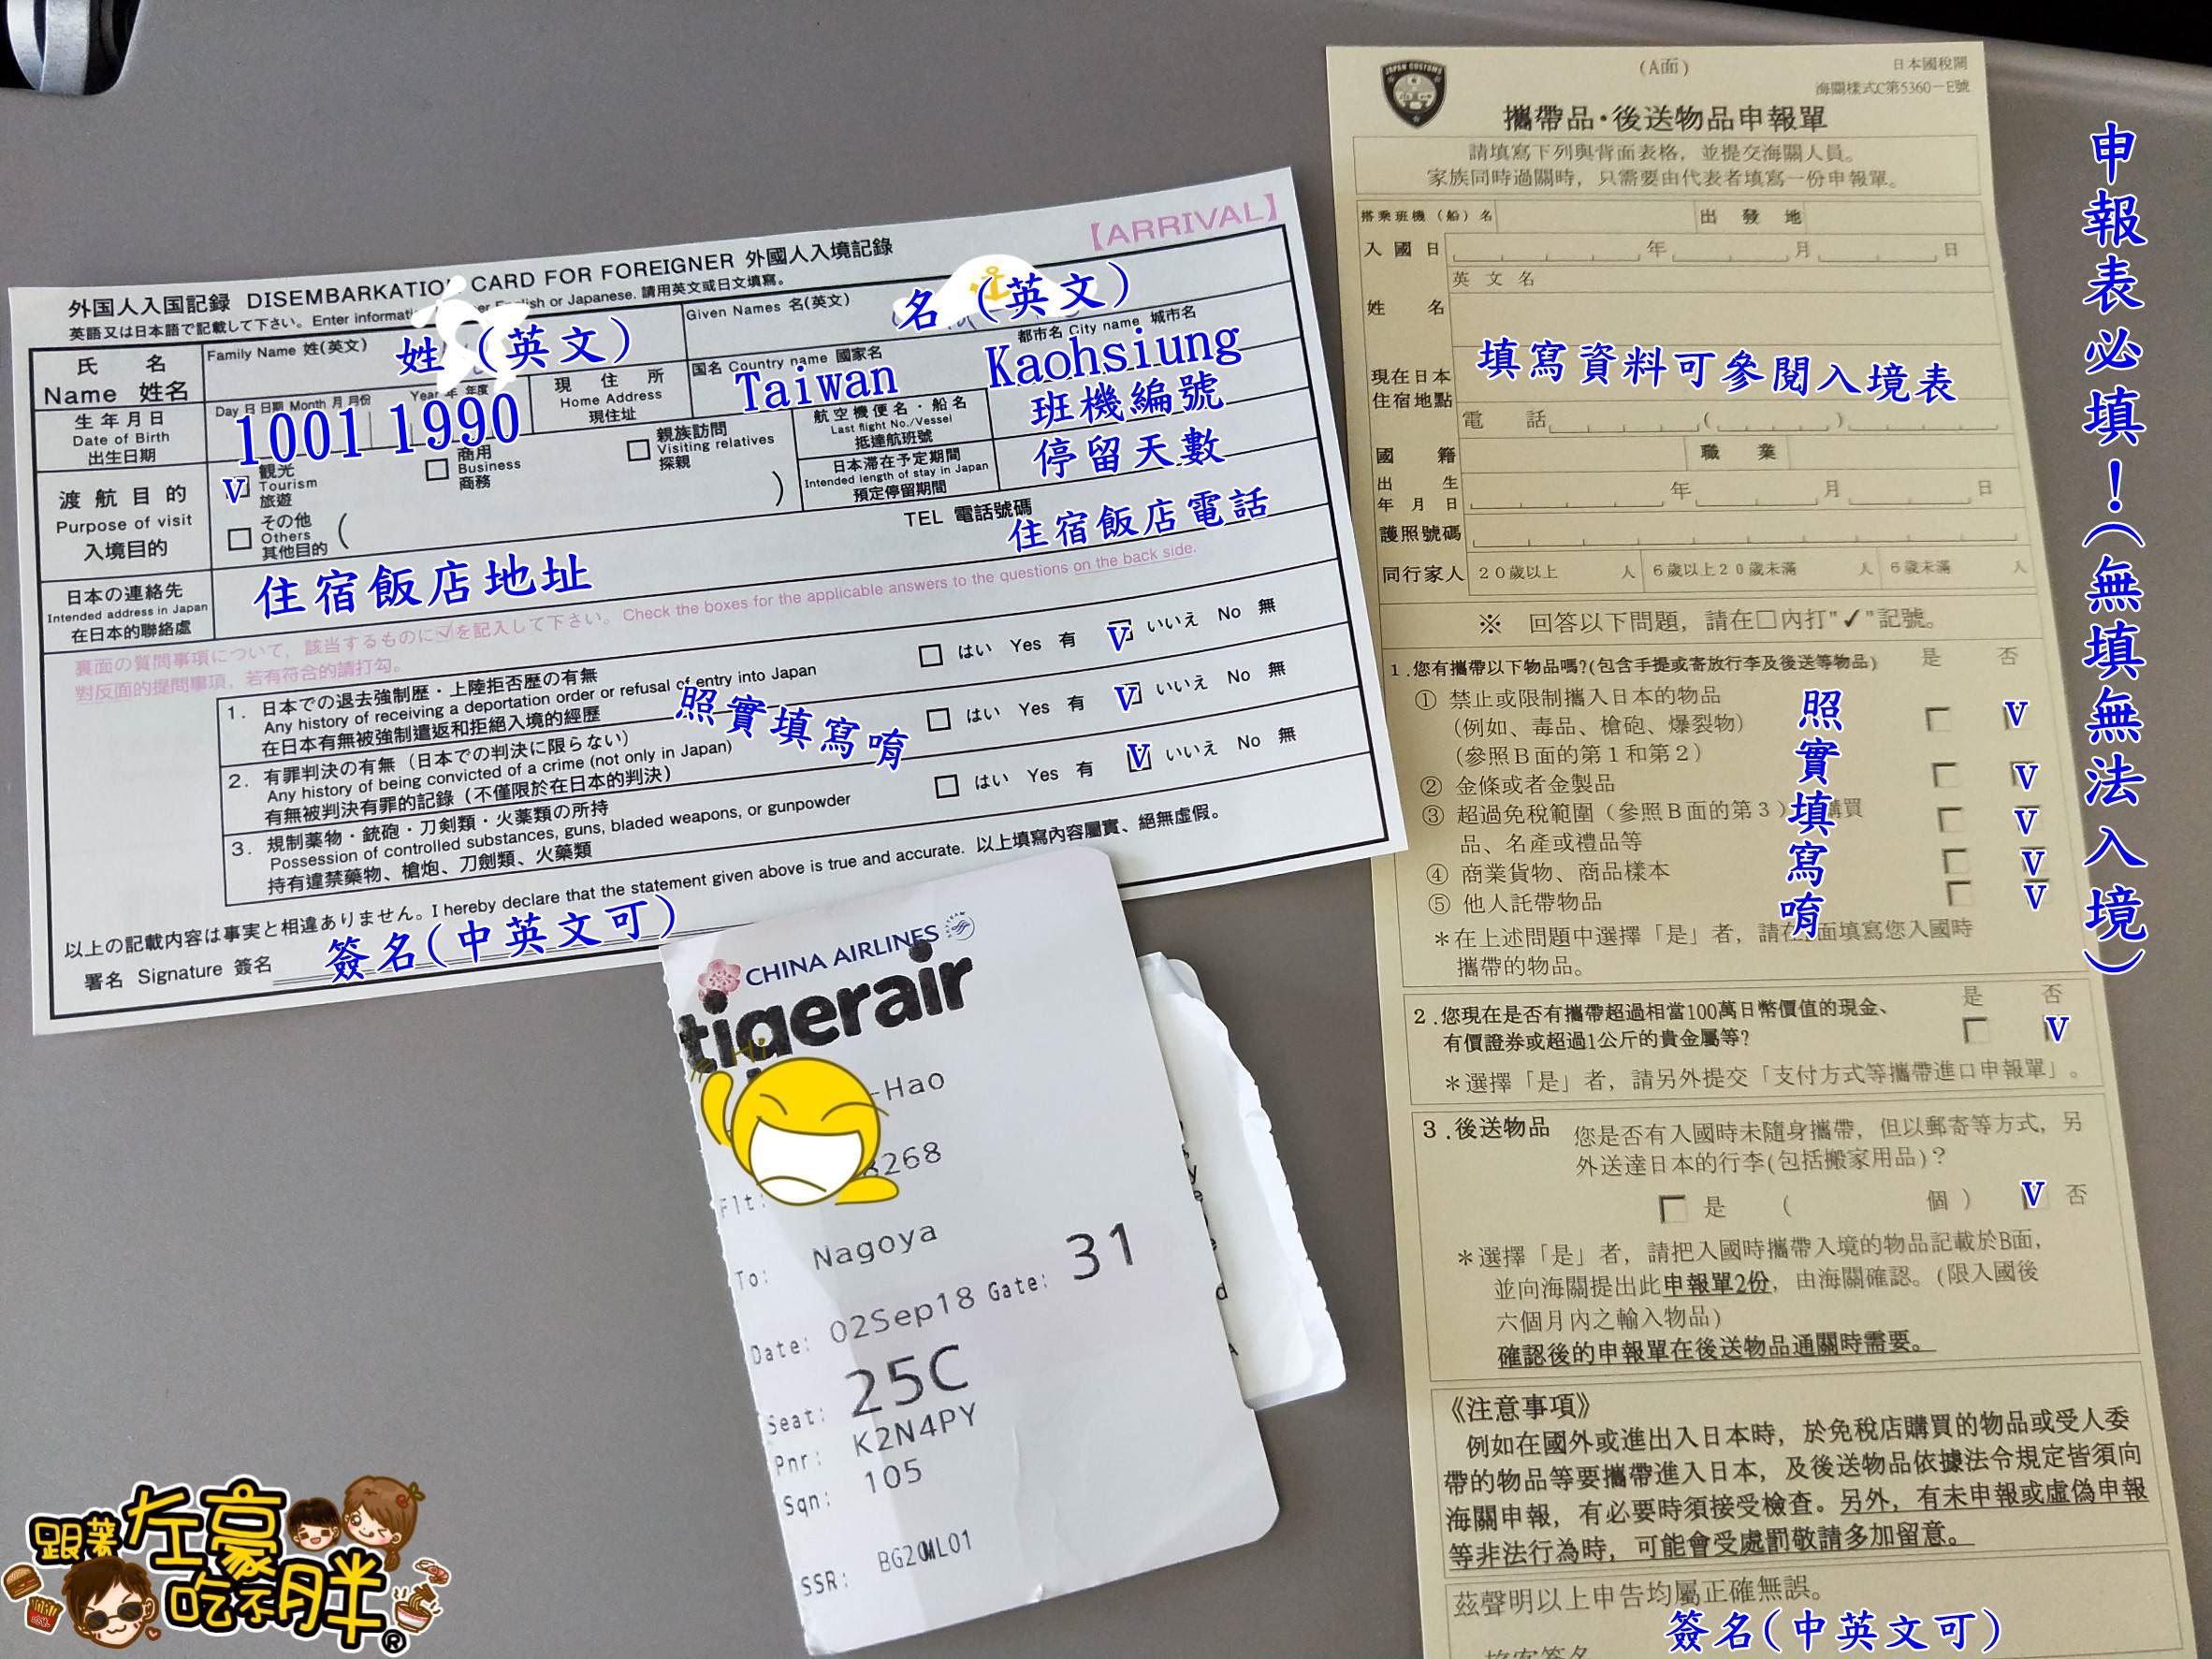 2018最新日本入境表填寫